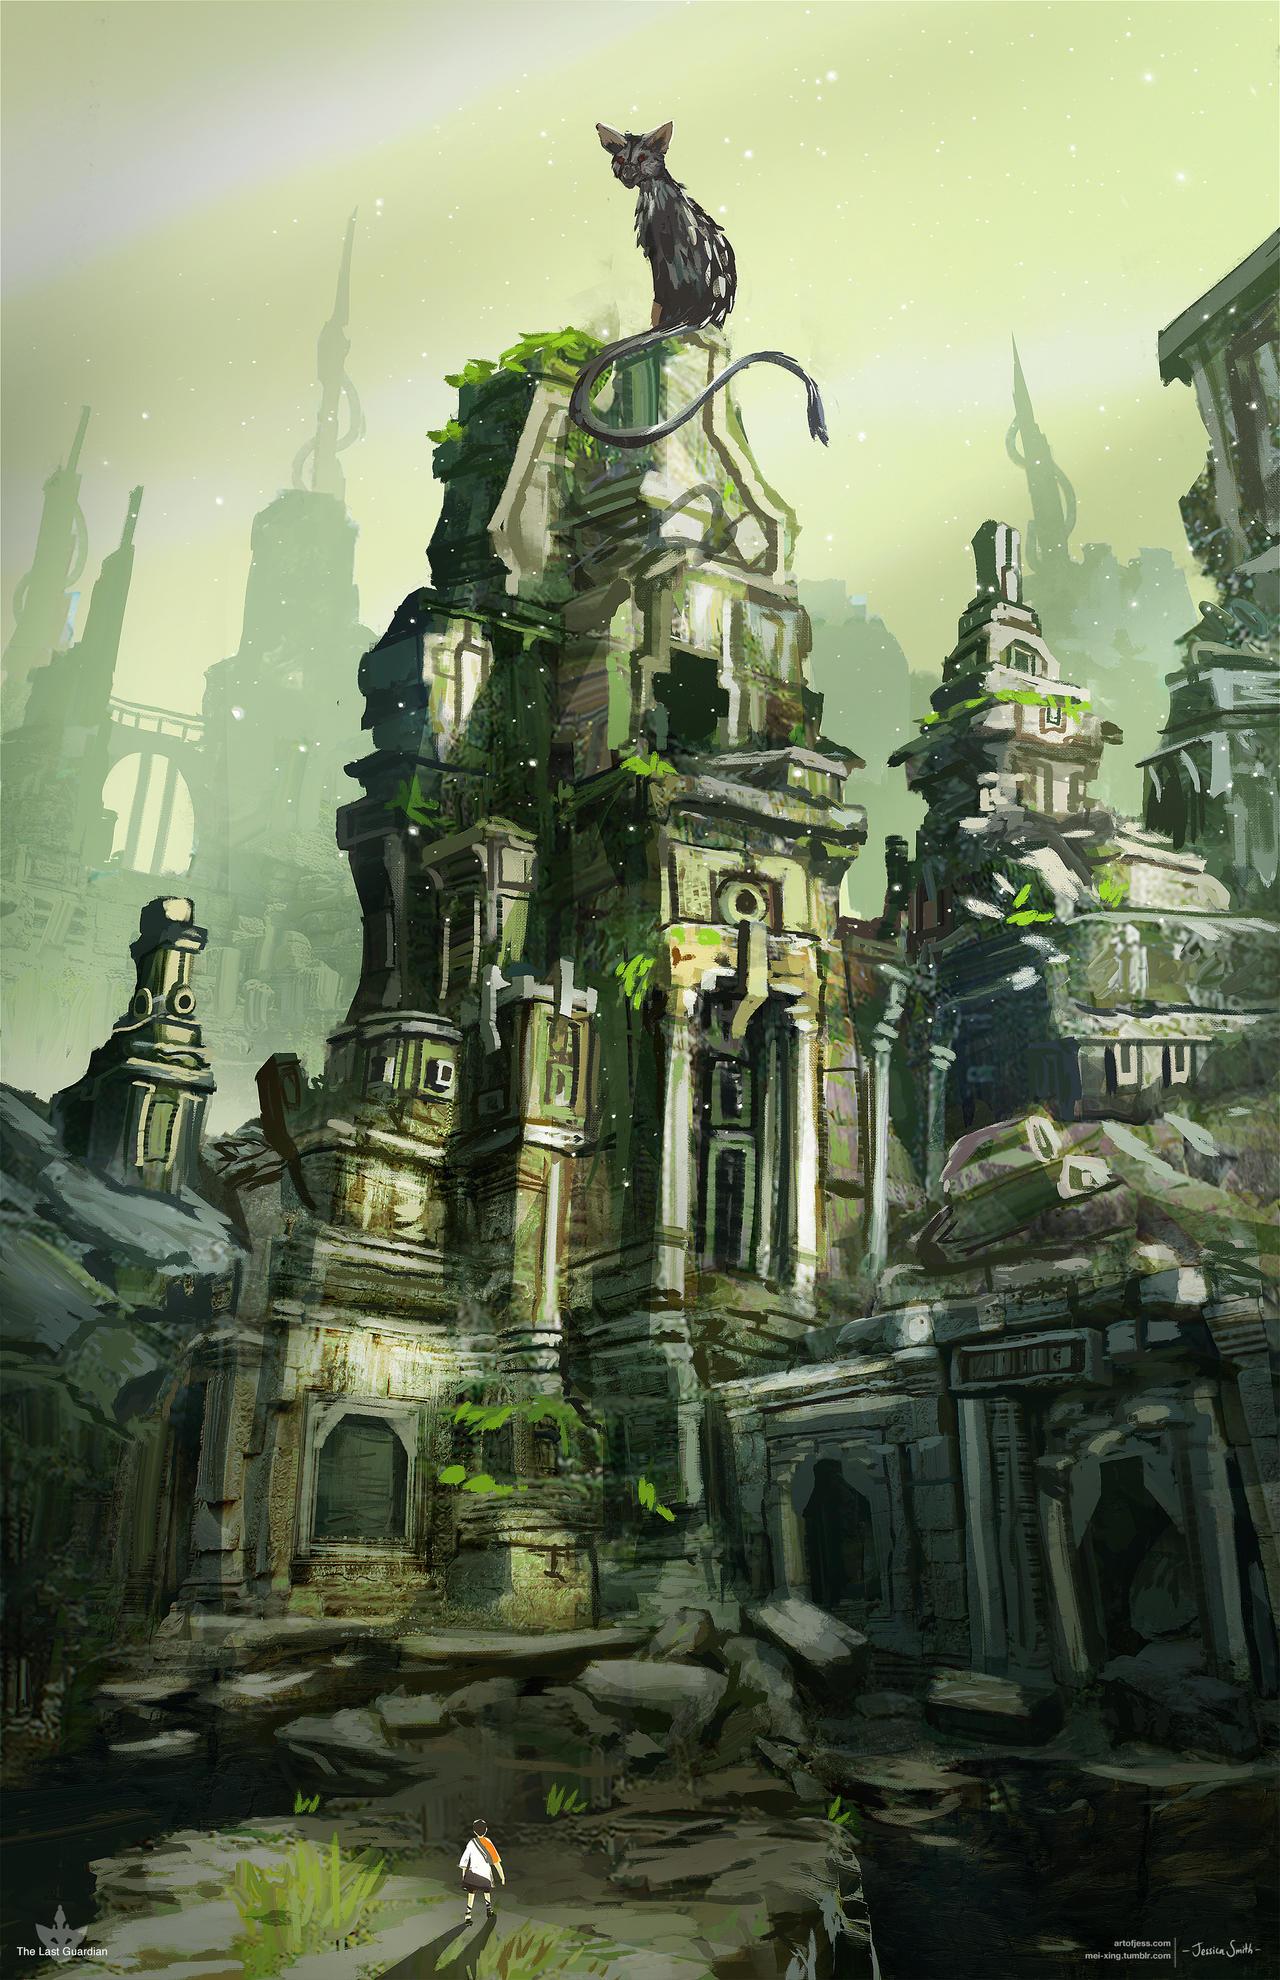 The Last Guardian - fanart 2 by Mei-Xing